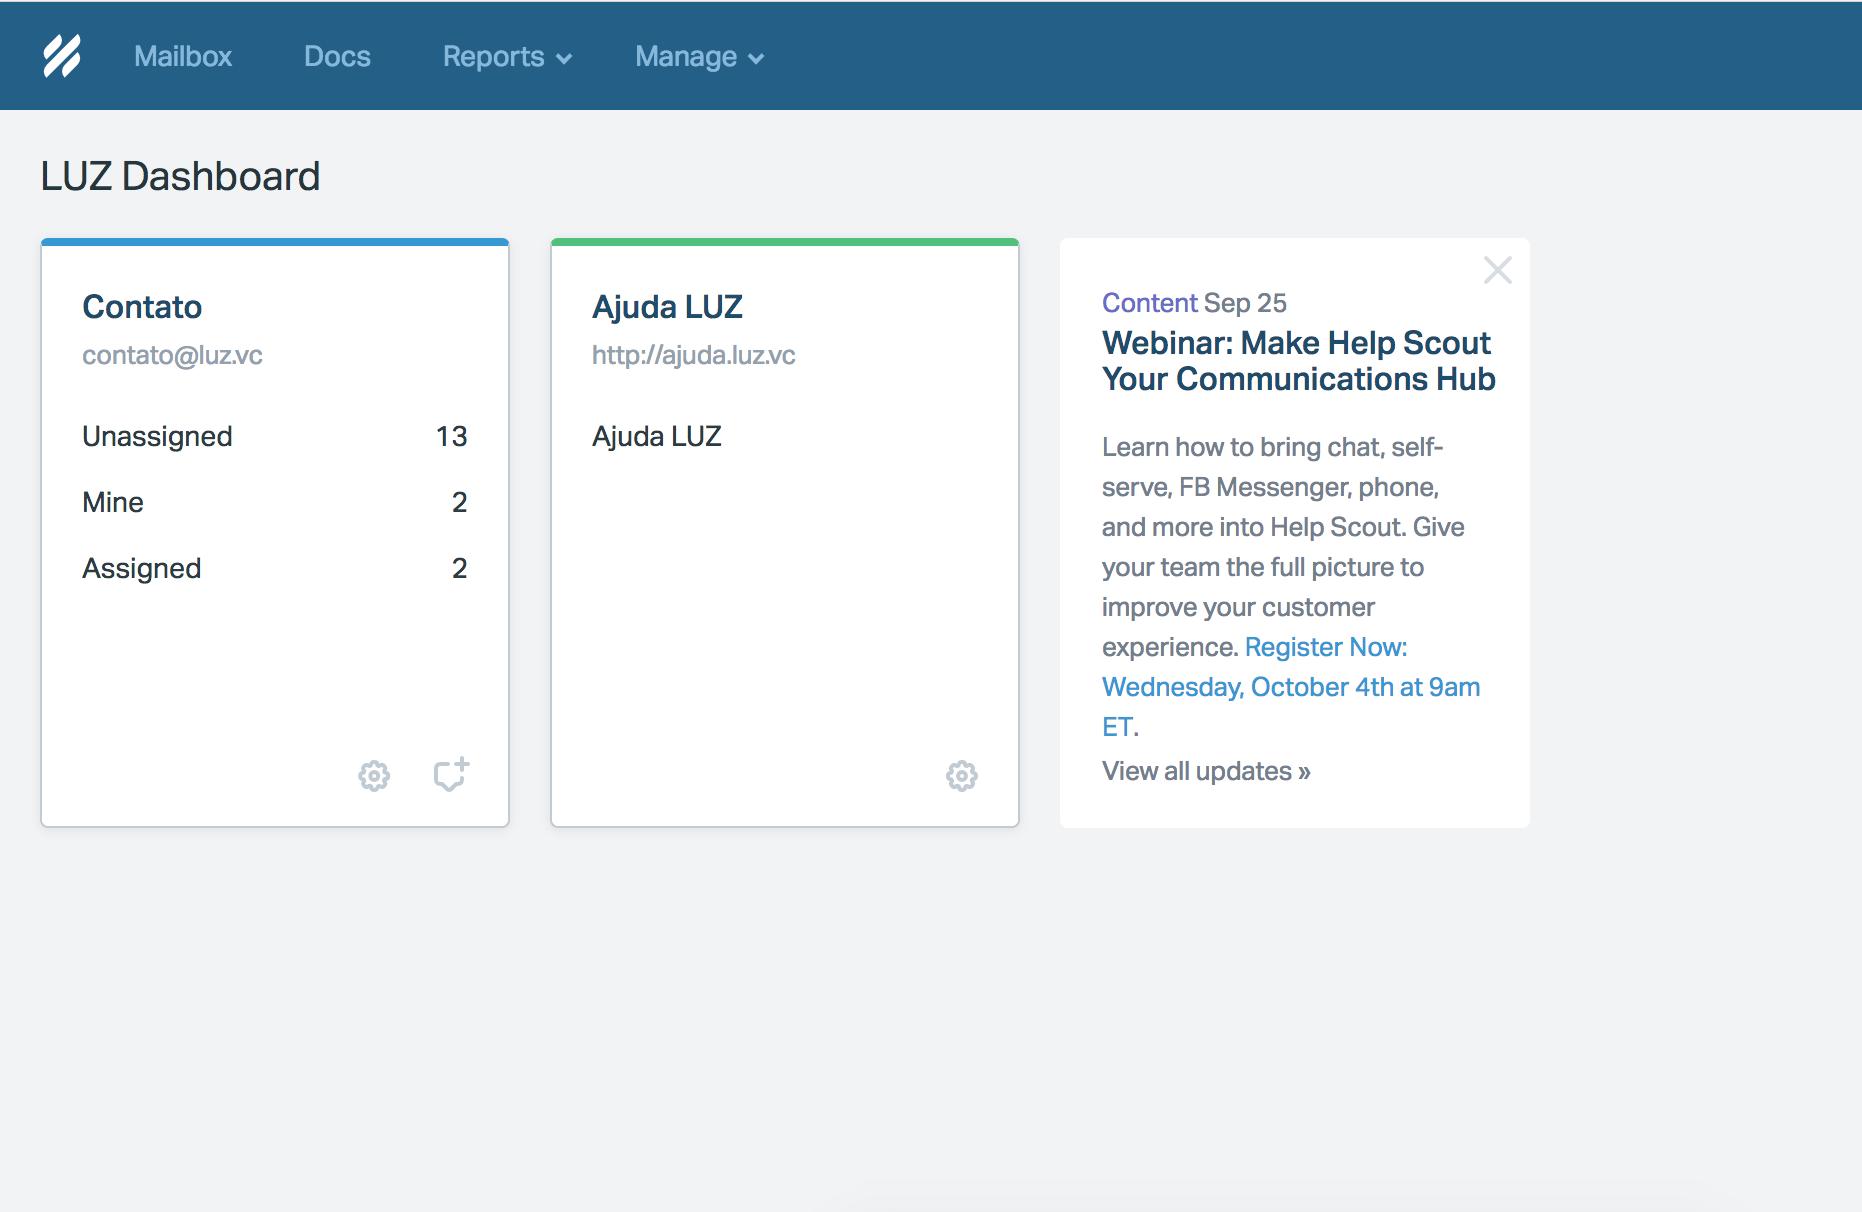 monitoramento de redes sociais helpdesk